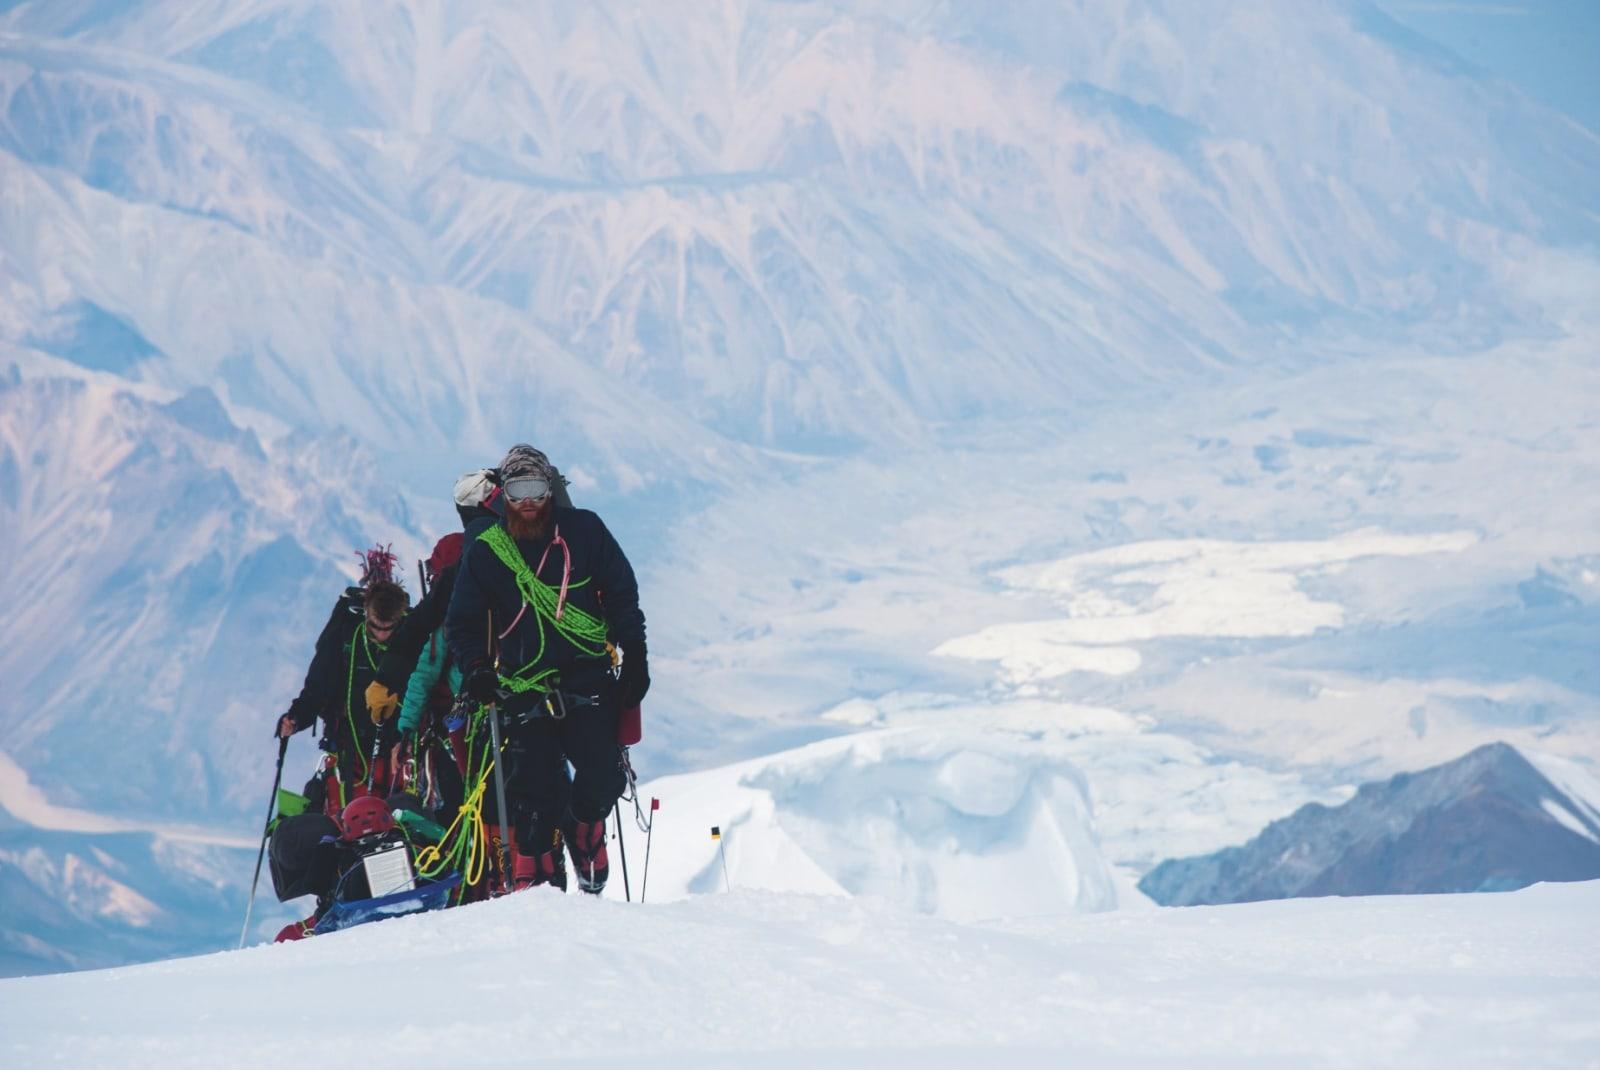 SAMLET: Denali er isbreer. Stort sett hele veien til toppen. Sikkerheten er viktig, så alle er knyttet inn i et taulag.